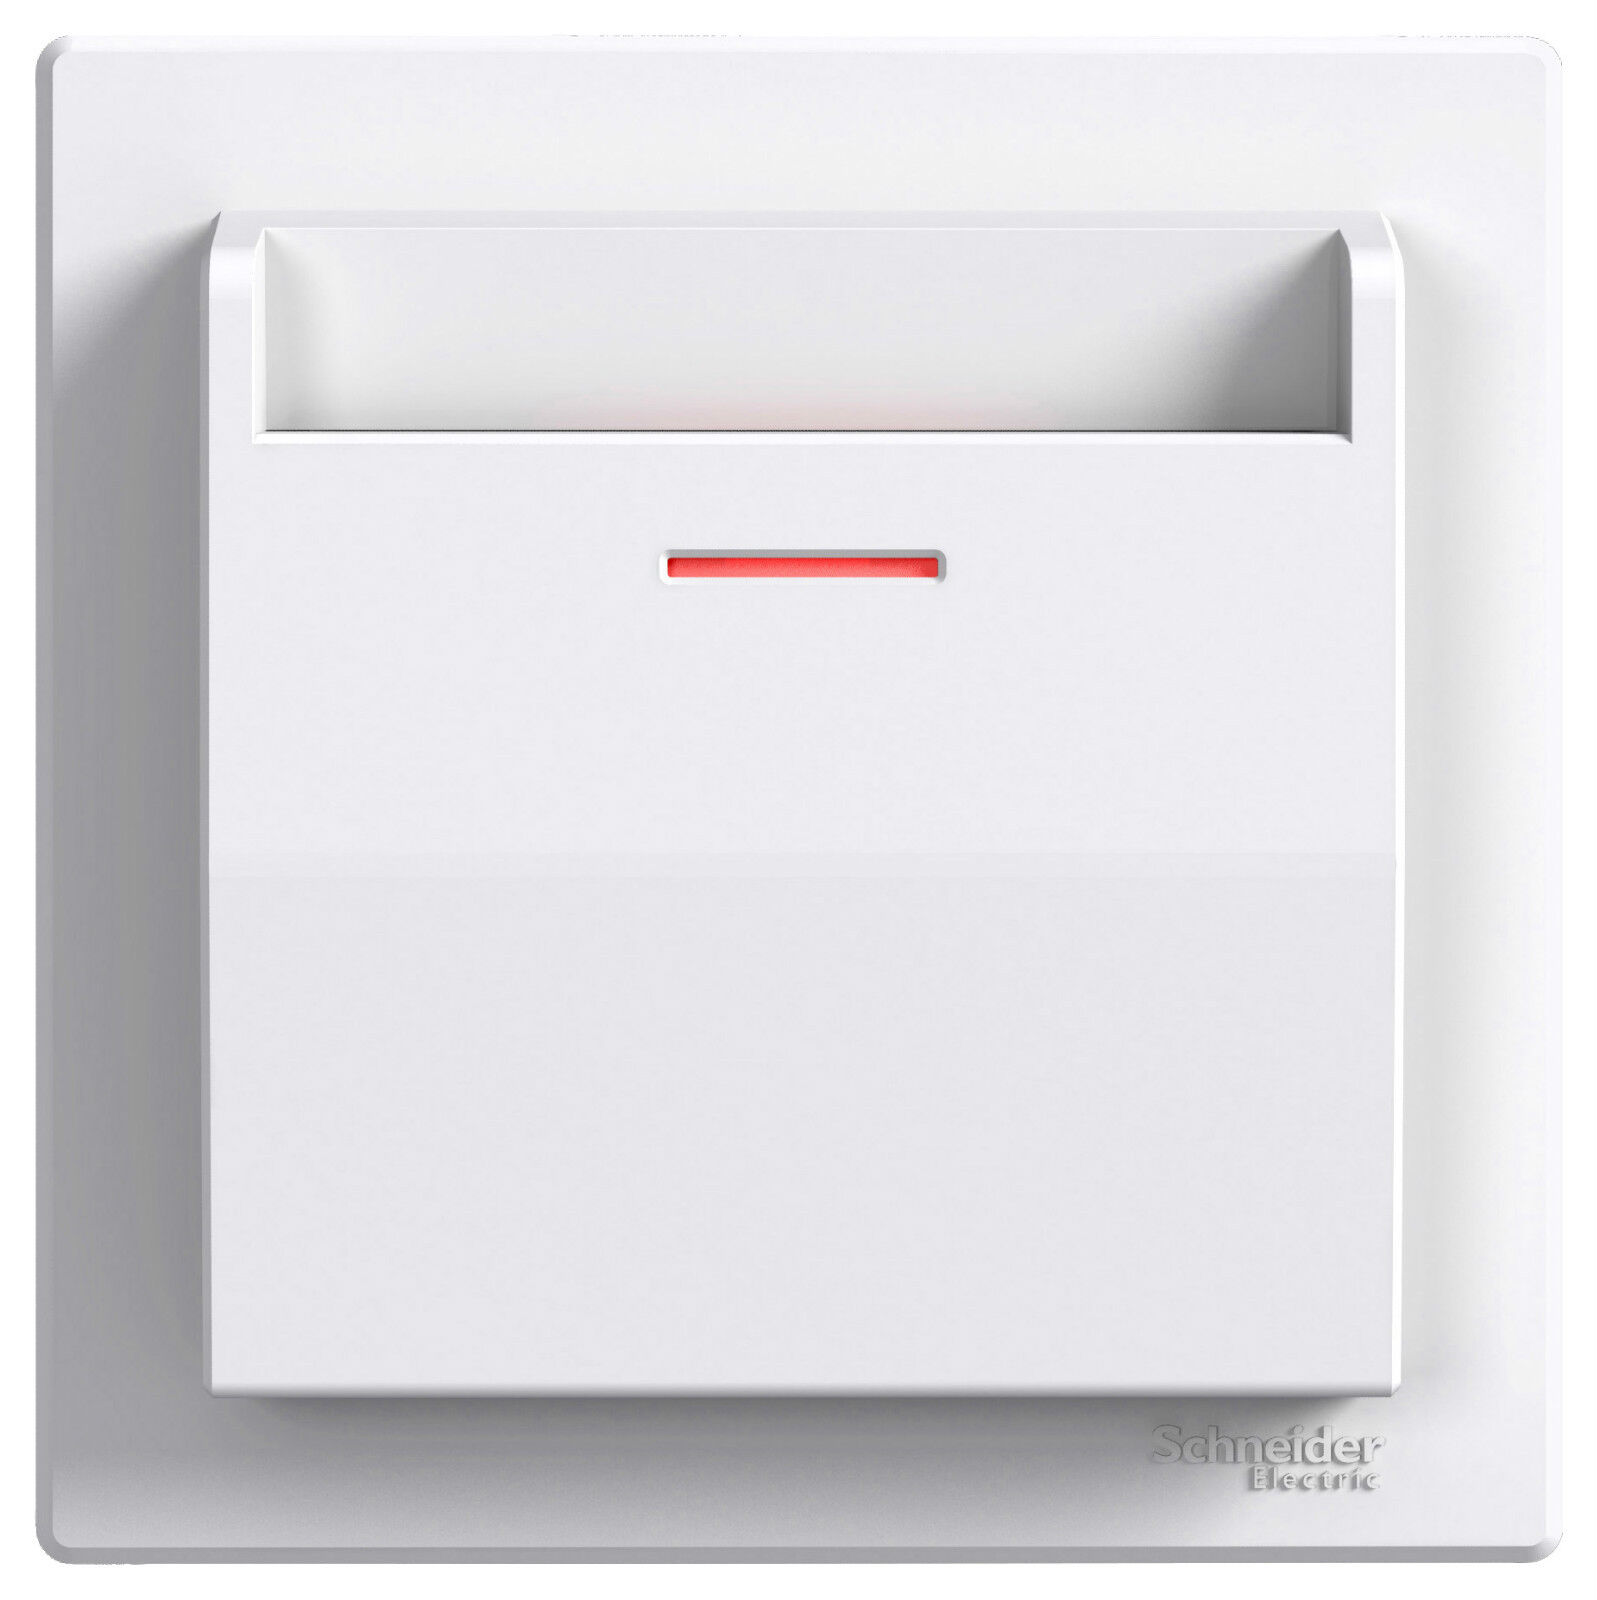 Asfora Hotelcard-Schalter mit LED